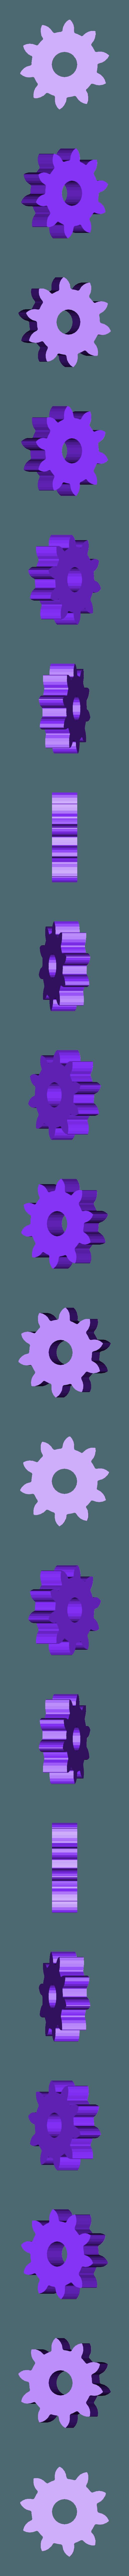 Prueba_con_engranajes_engranaje_10_dientes.stl Download free STL file Learning toy - Gear combination • 3D printer template, raulrrojas